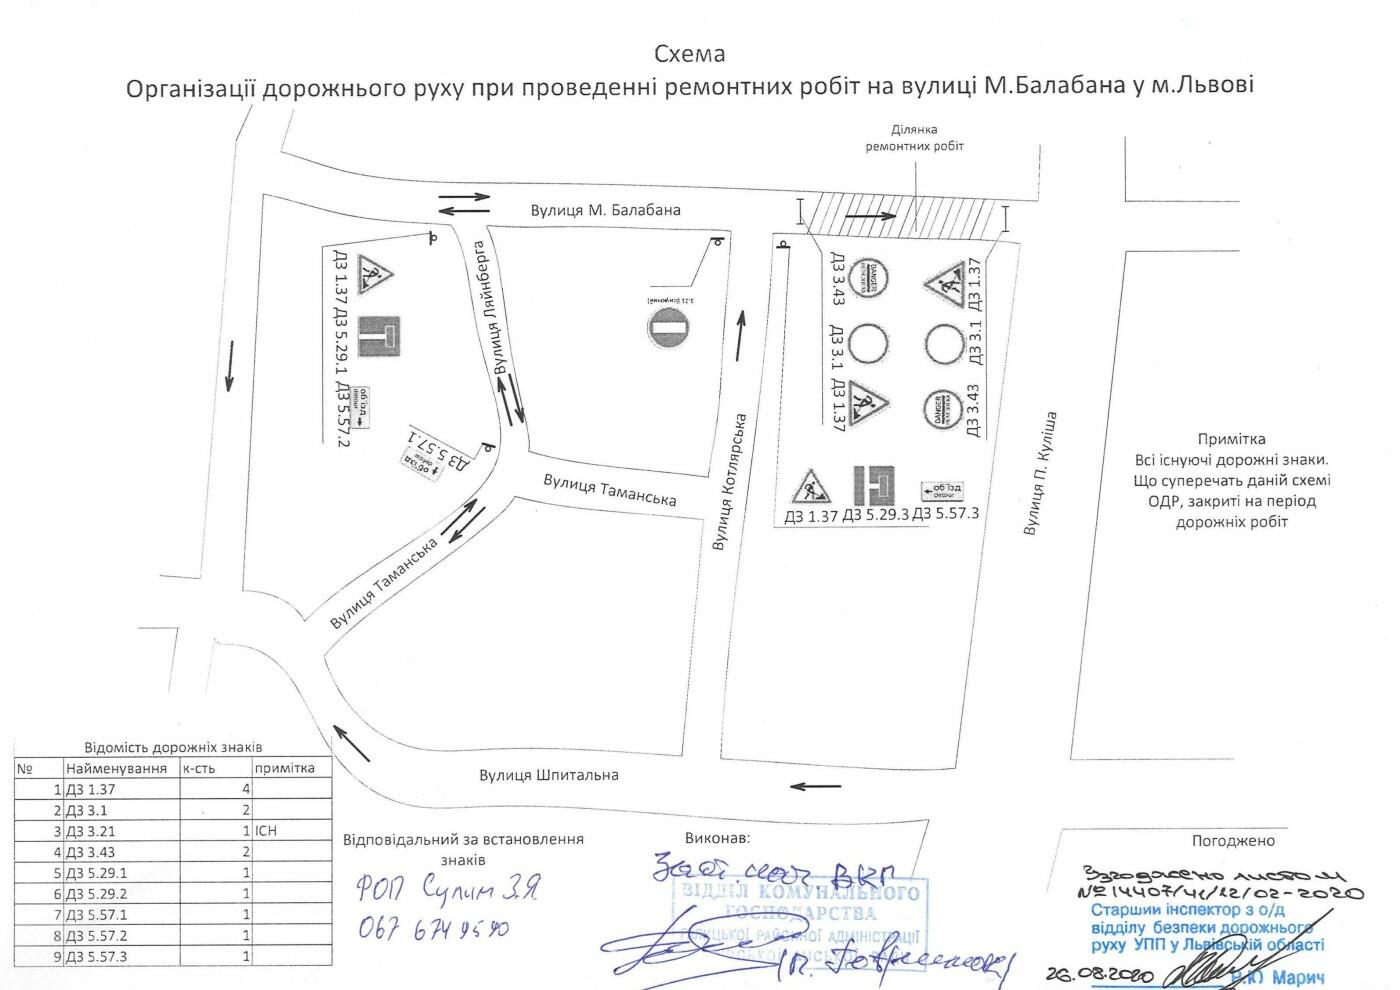 Схема об'їзду вулиці Балабана у Львові. Фото - ЛМР